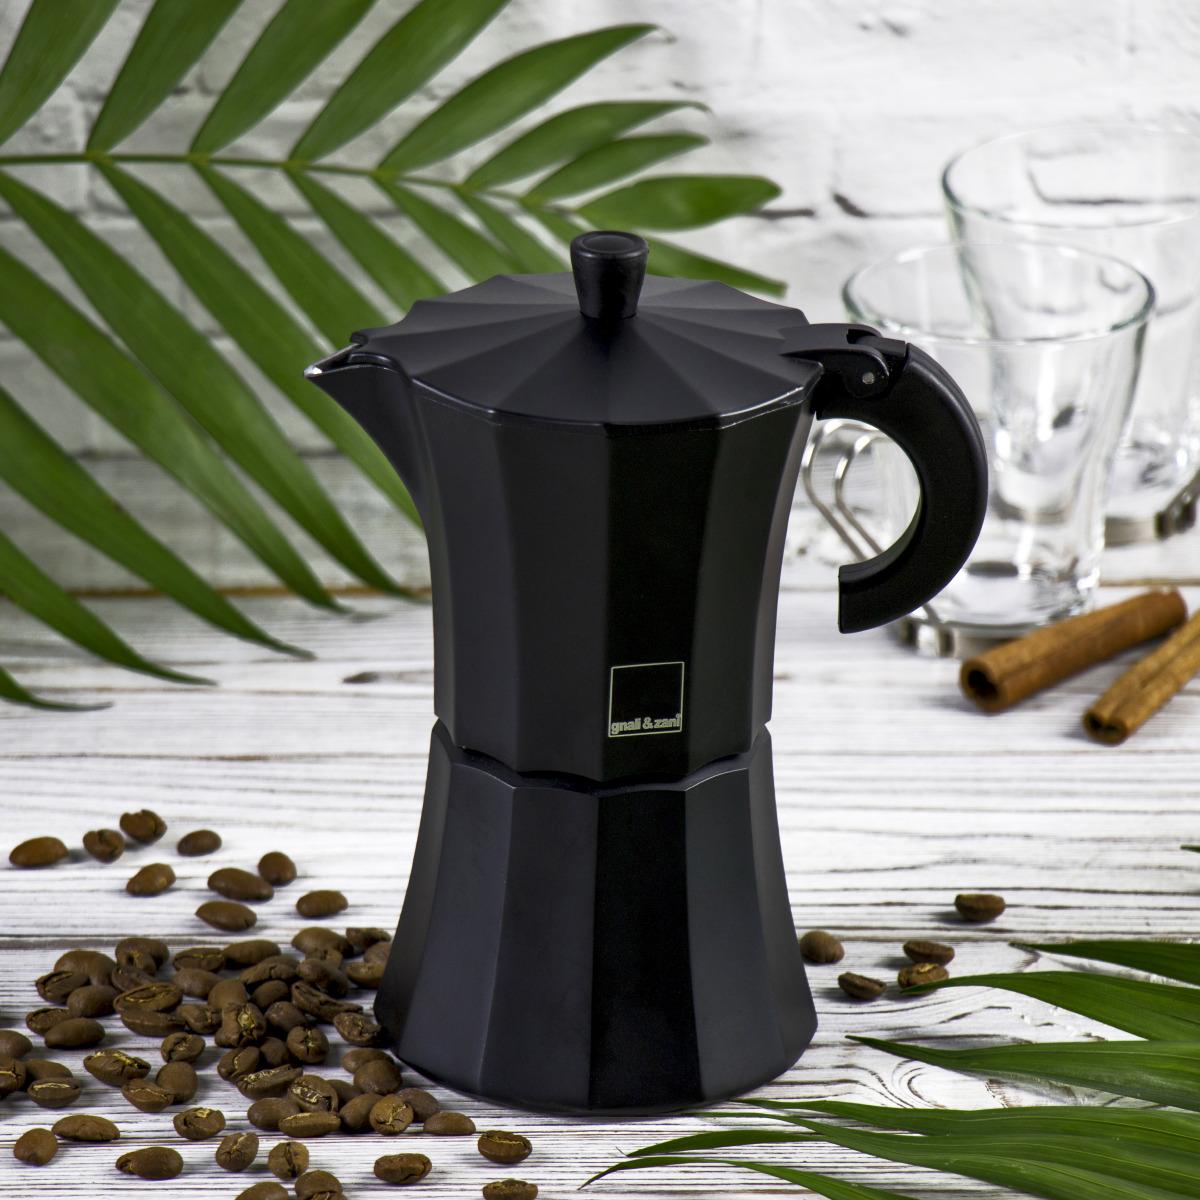 Гейзерная кофеварка - принципы работы и основные преимущества